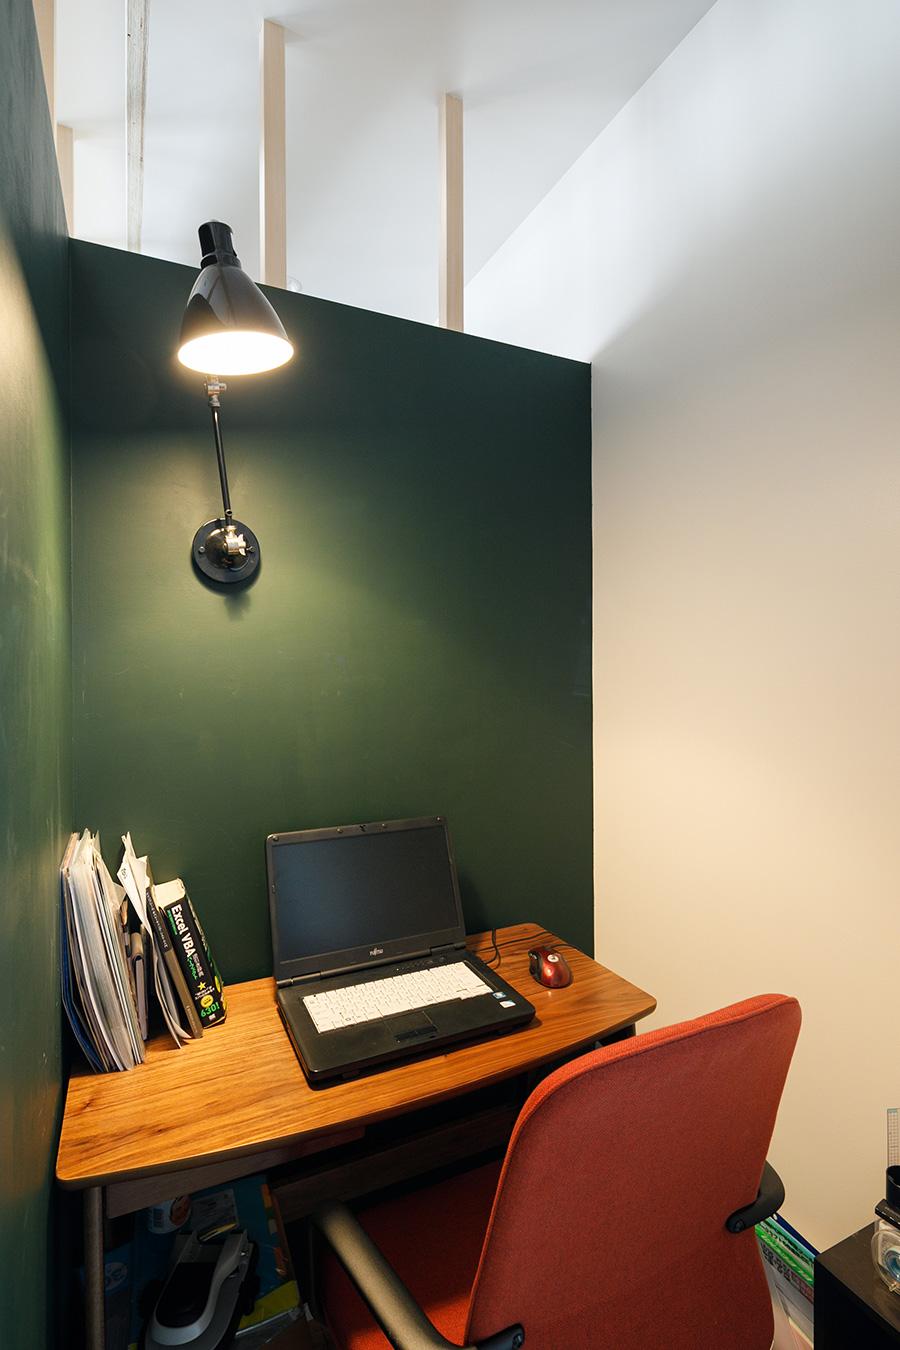 書斎内部。壁にはDIYでチョークボードペイントを塗り、黒板として使えるようにした。